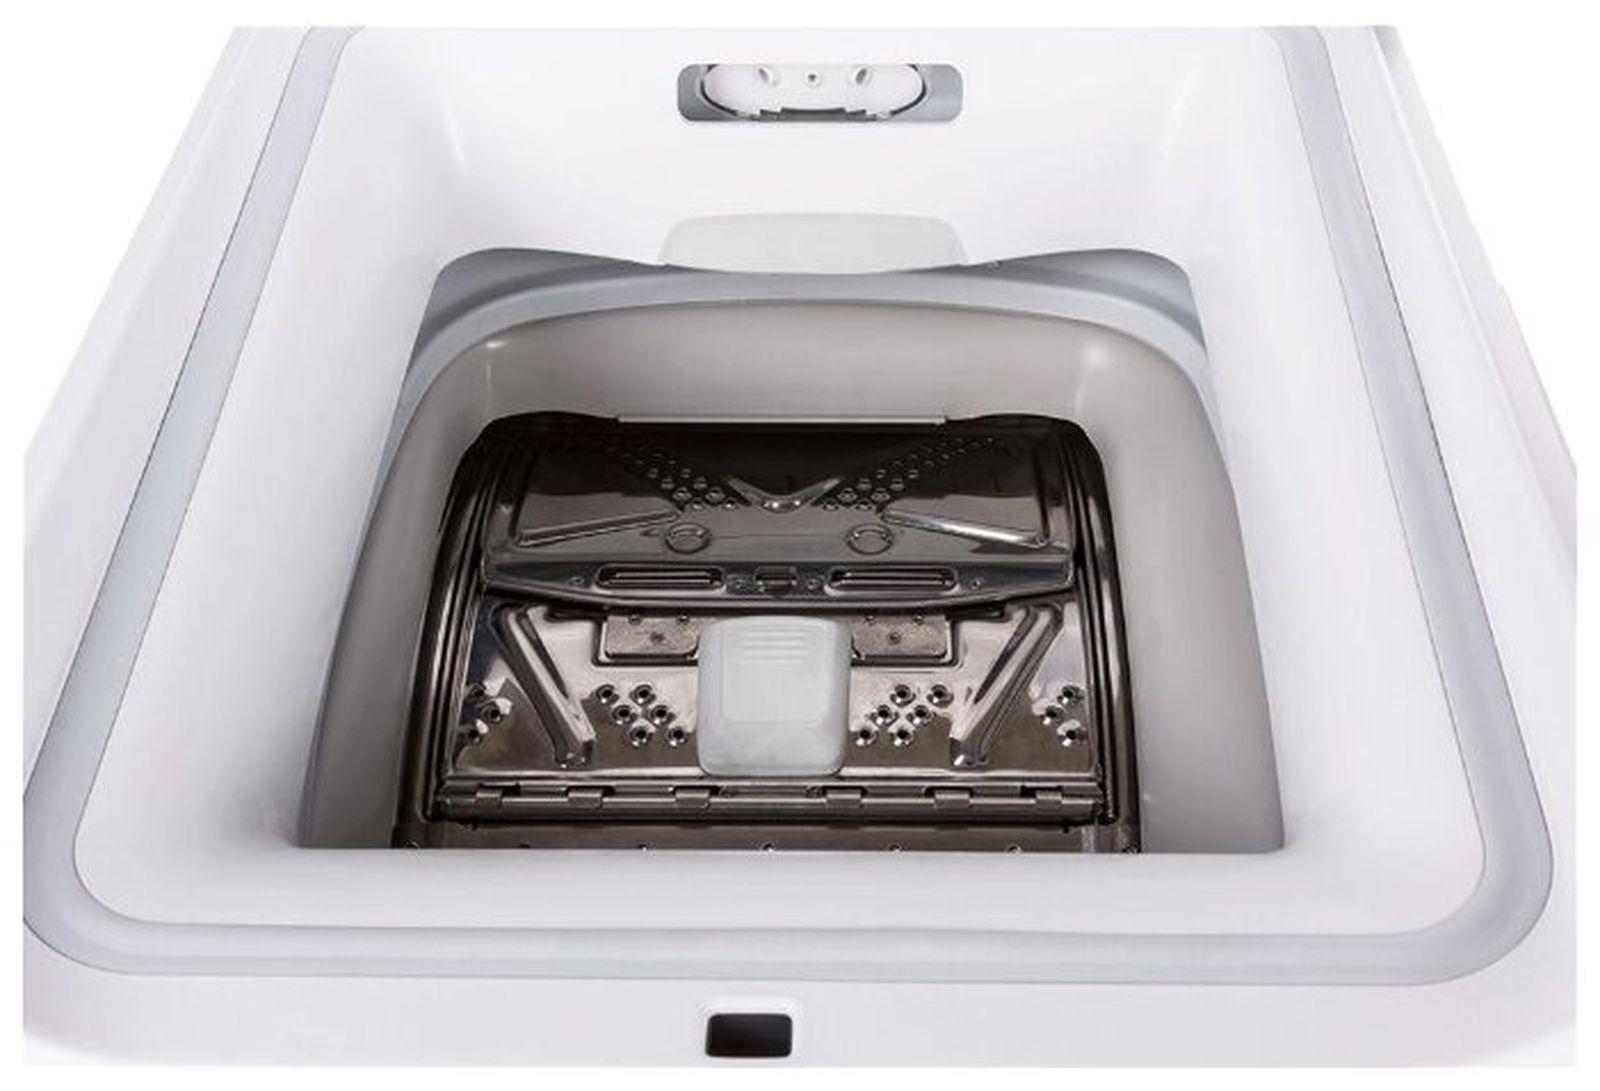 Стиральная машина Whirlpool AWE 1066, 100327, белый Whirlpool